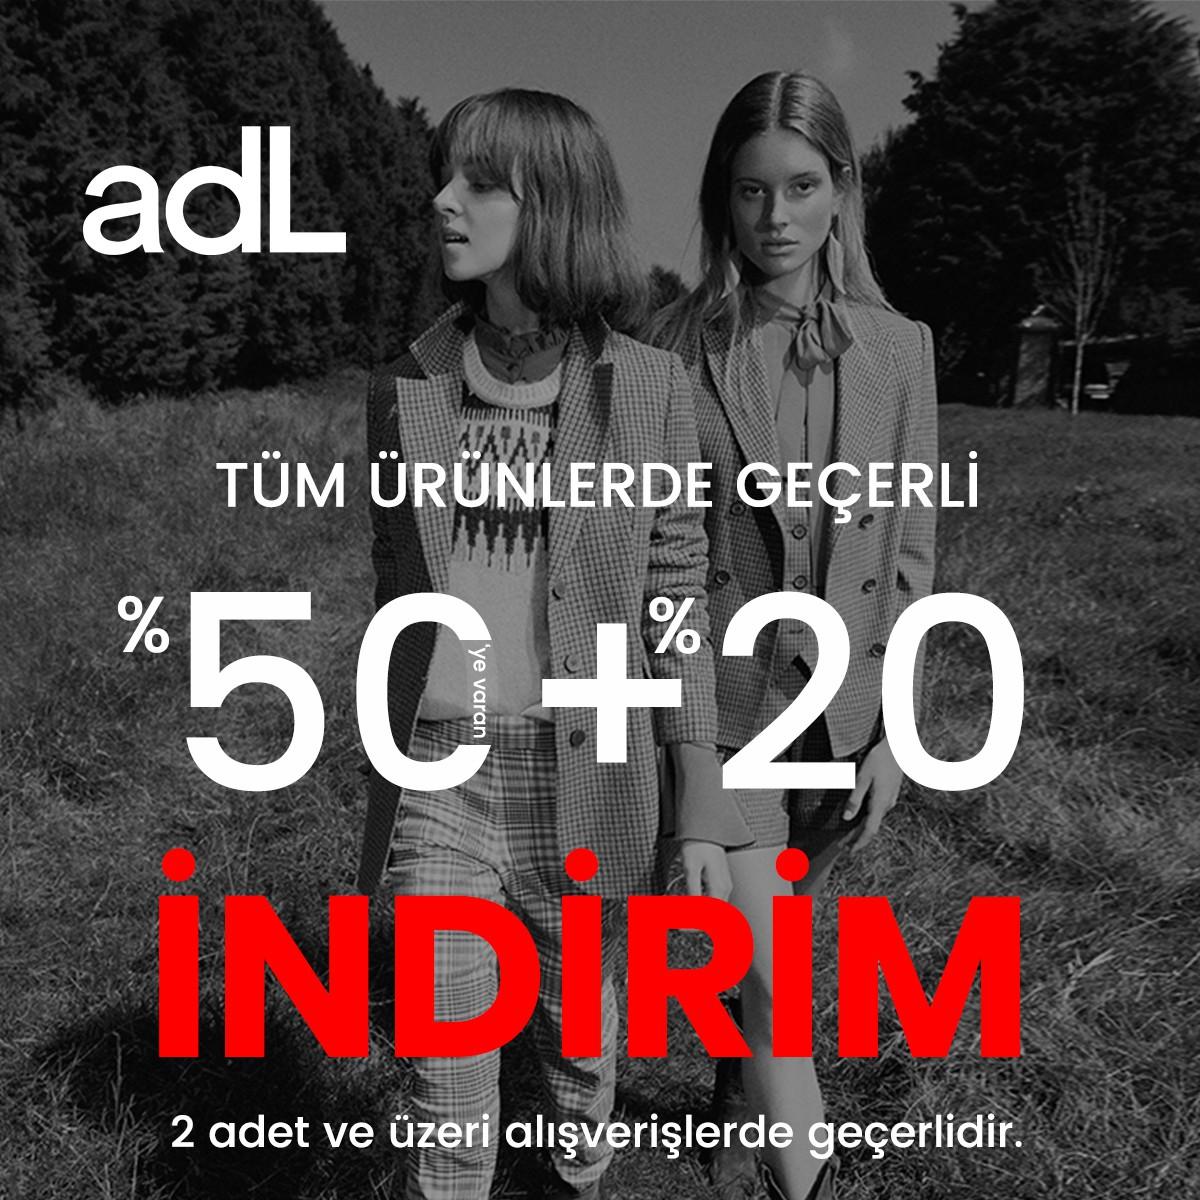 adL'de tüm ürünlerde %50'ye varan indirim + %20 indirim fırsatı!